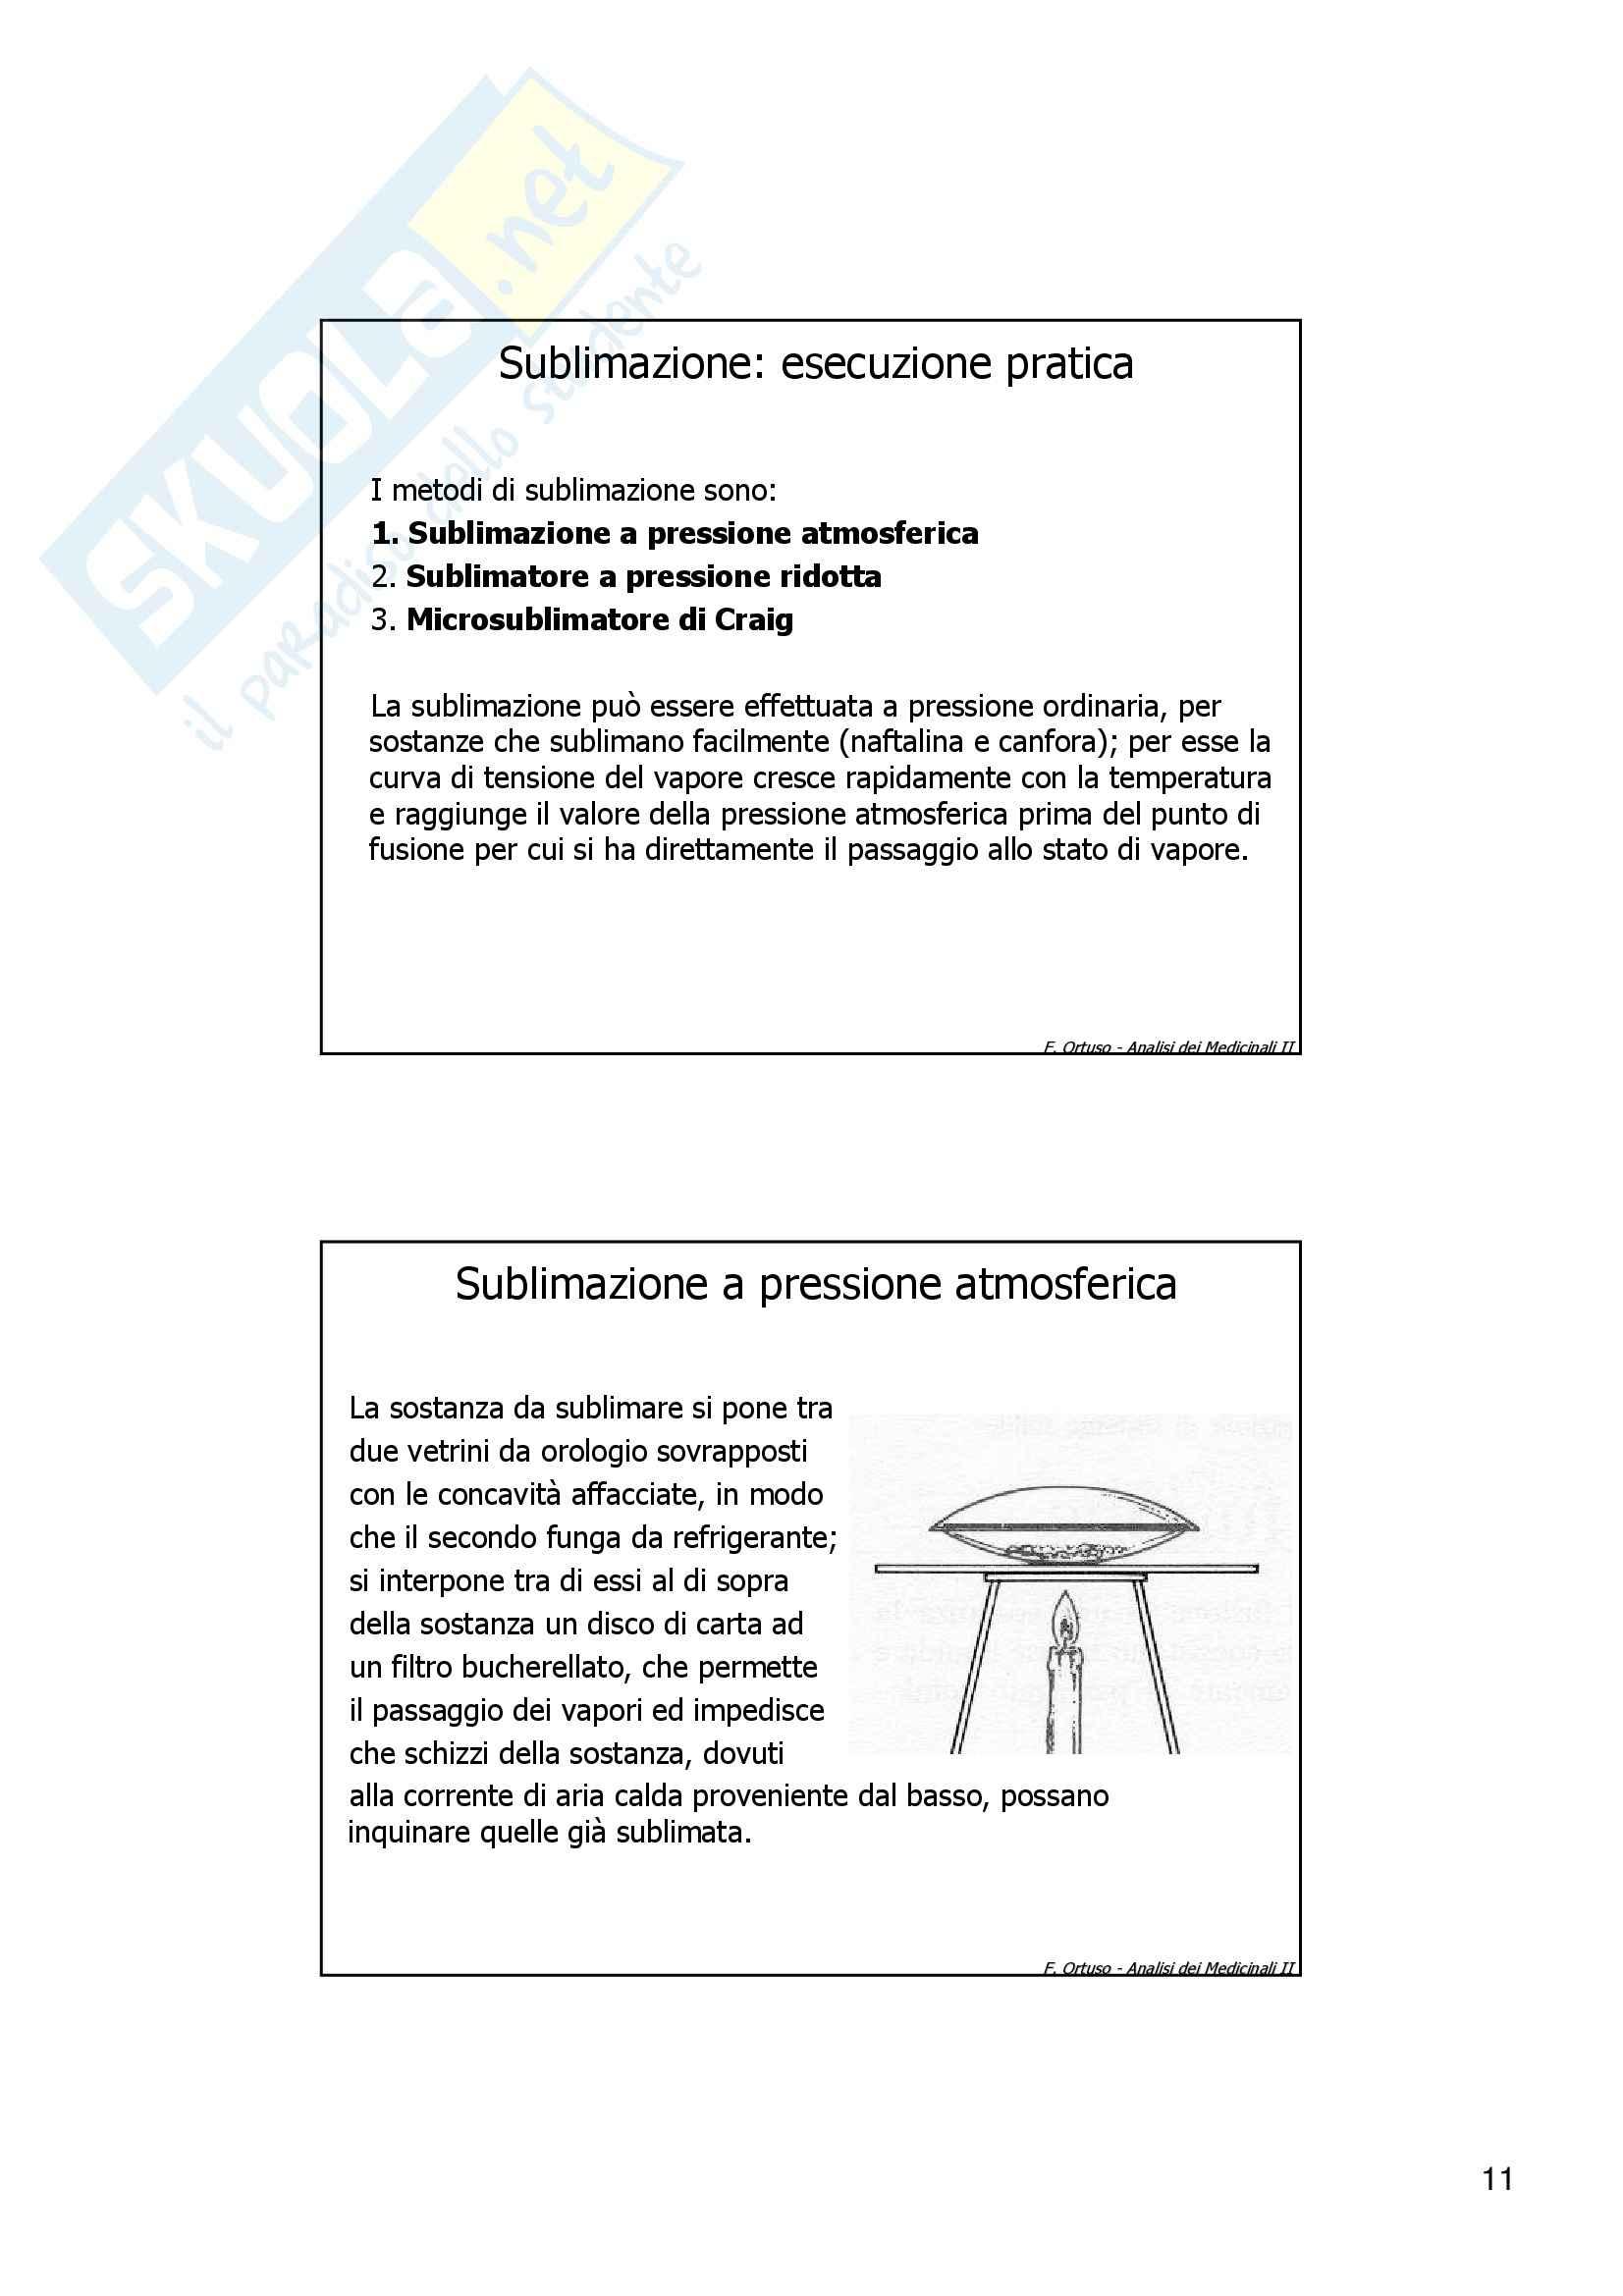 Laboratorio di preparazioni estrattive e sintesi dei farmaci - cristallizzazione Pag. 11